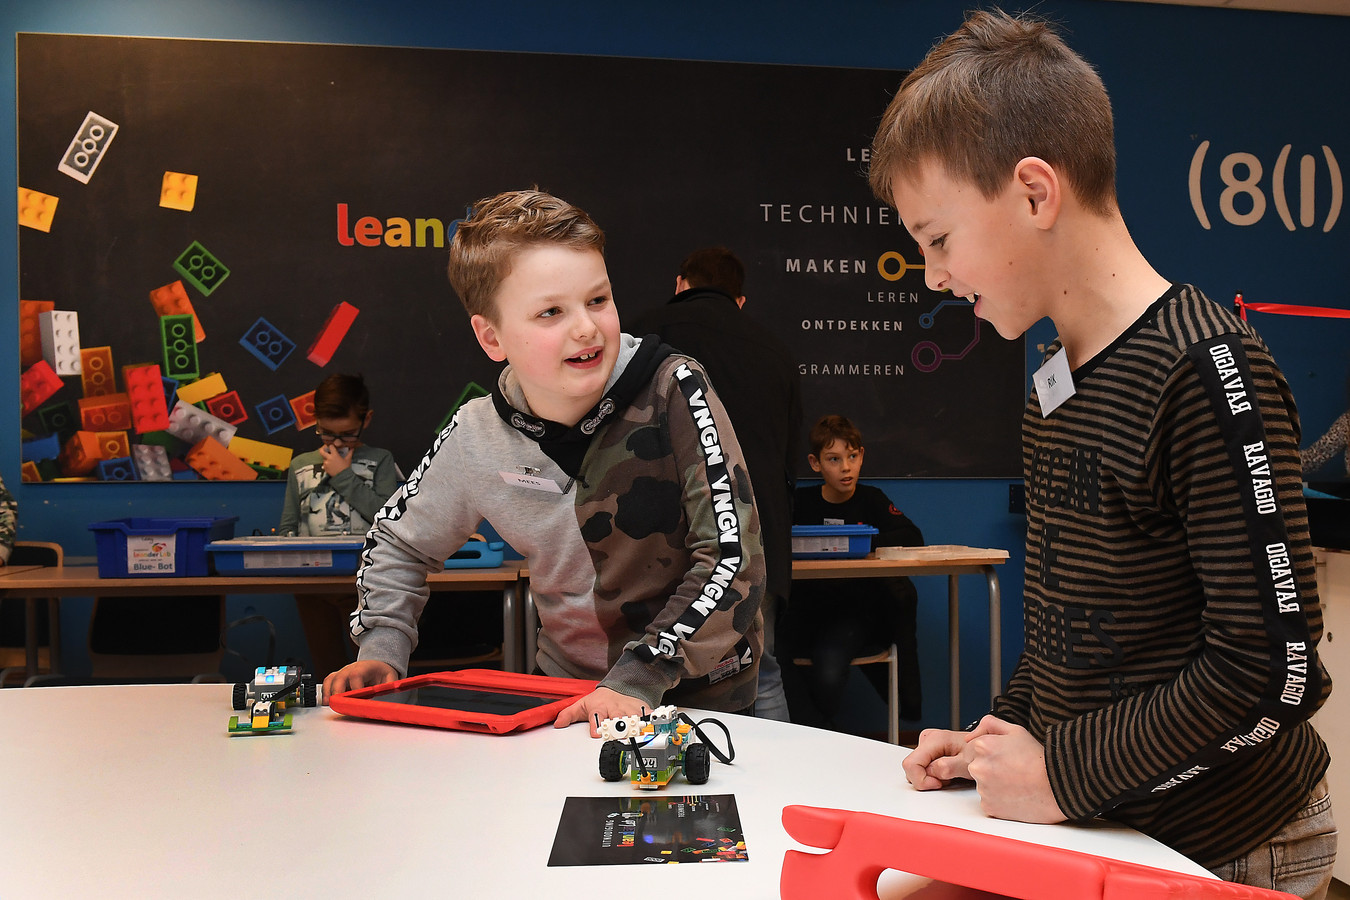 De bibliotheek in Sint Anthonis heeft ruimte beschikbaar gemaakt voor het LeanderLab. Een methode waarbij kinderen op speelse wijze kennis maken met techniek en programmeren.